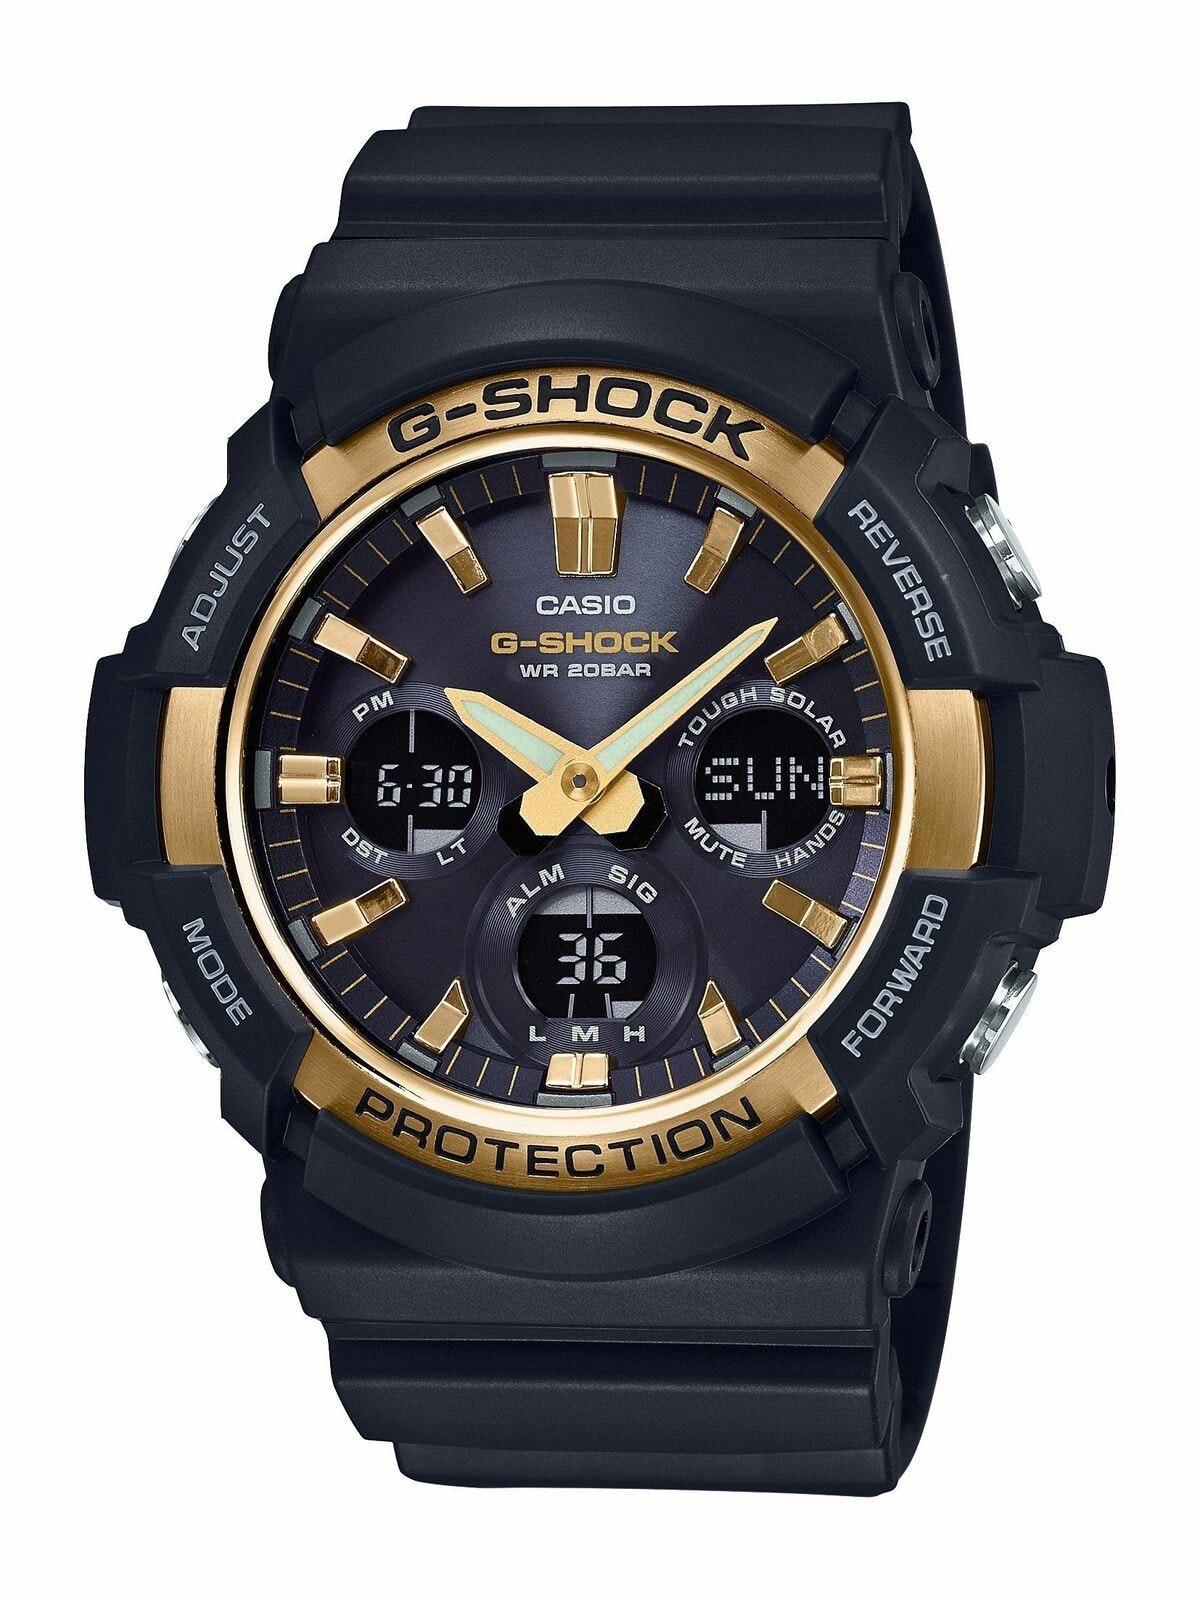 Casio G-Shock GAS100G-1A